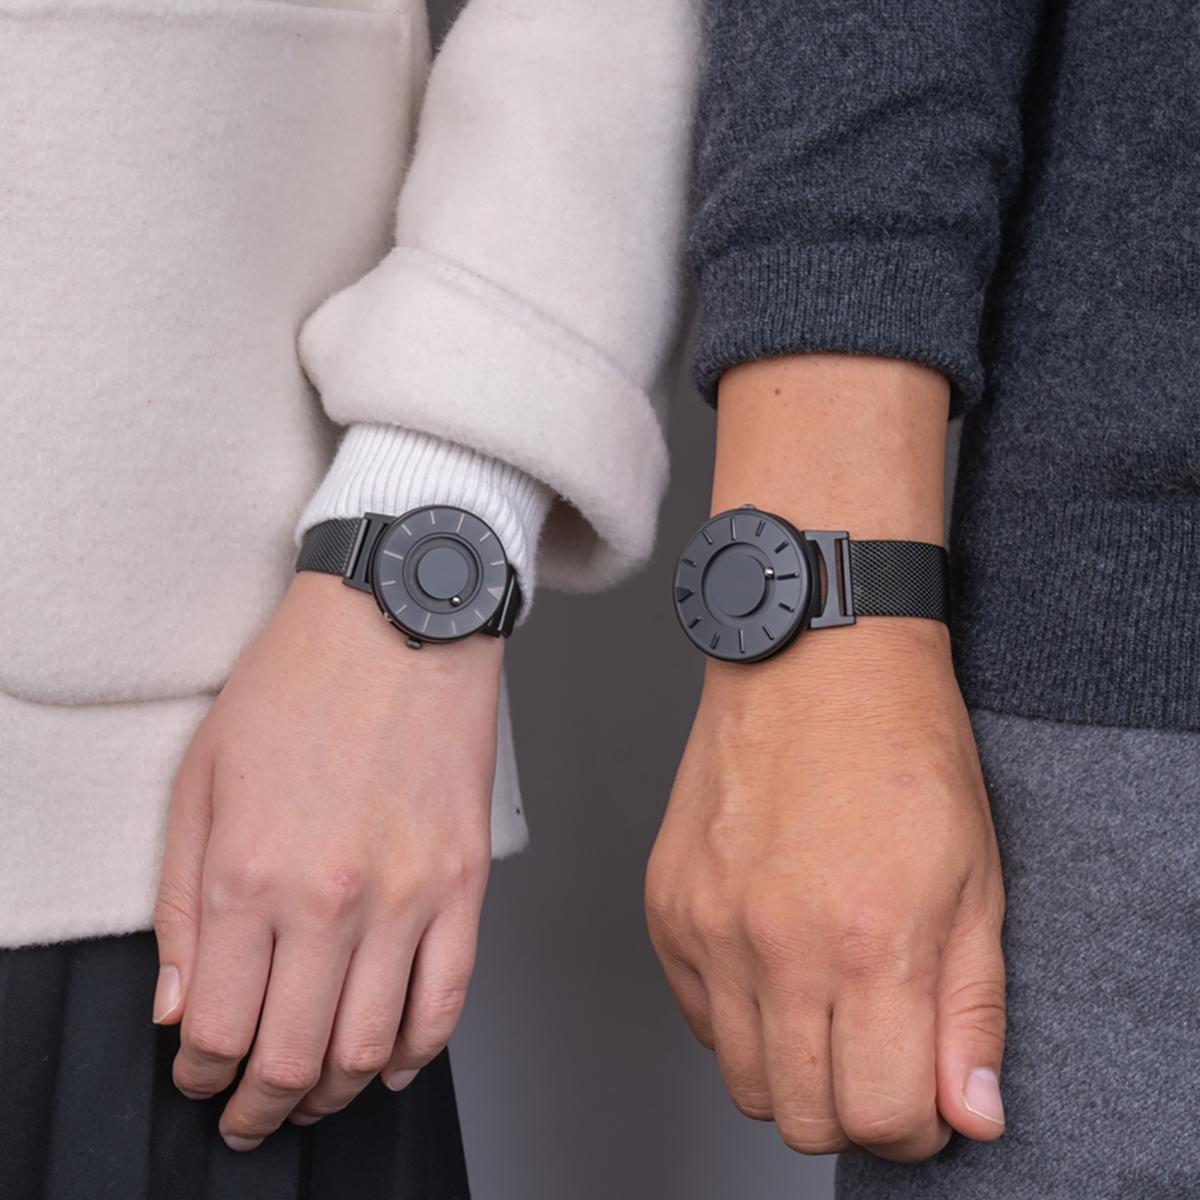 パートナーや親子でのペアウォッチ使いができるので、2本セットでのギフトも喜ばれるはず。腕元におさまるコンパクトな文字盤、軽やかな装着感のメッシュバンド。触って時間を知る「腕時計」| EONE